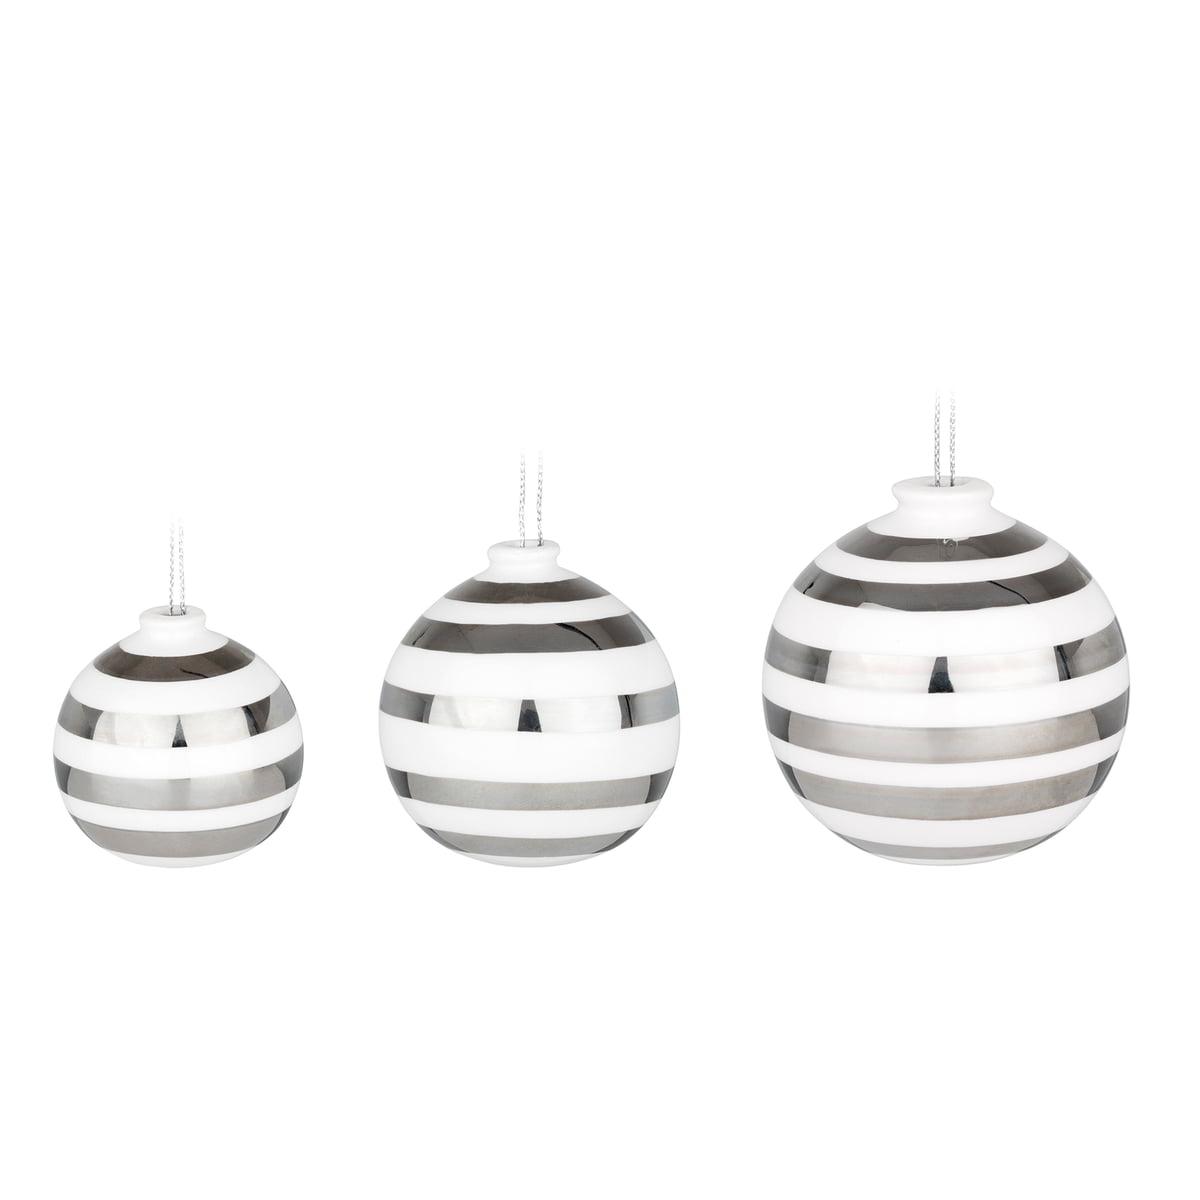 Moderne Christbaumkugeln.Kähler Design Omaggio Christmas Tree Baubles Nacre Set Of 3